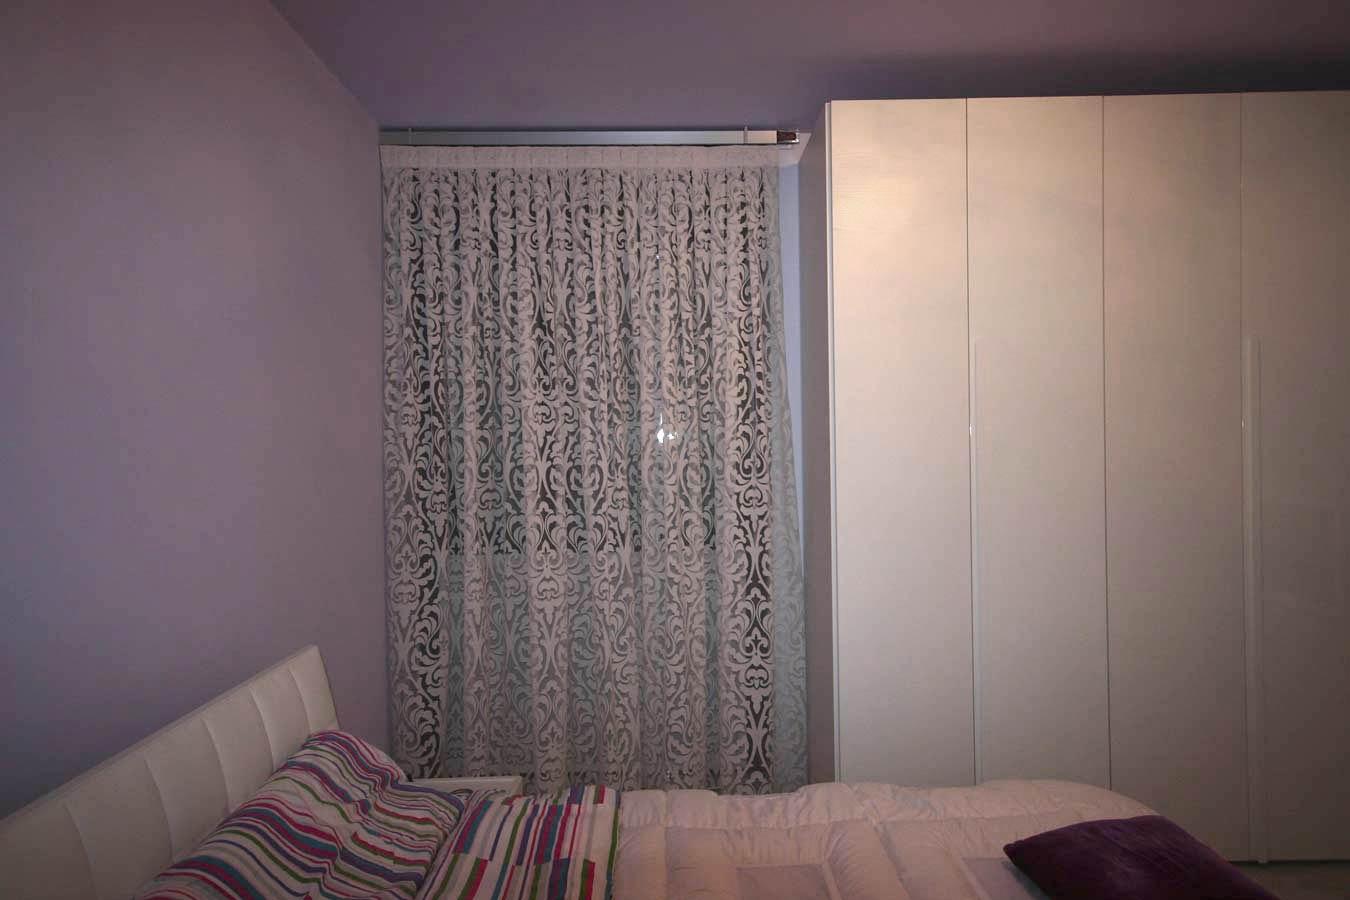 Tende ad onda cheap foto tende in lino ad onda bastone for Tende per abitazione